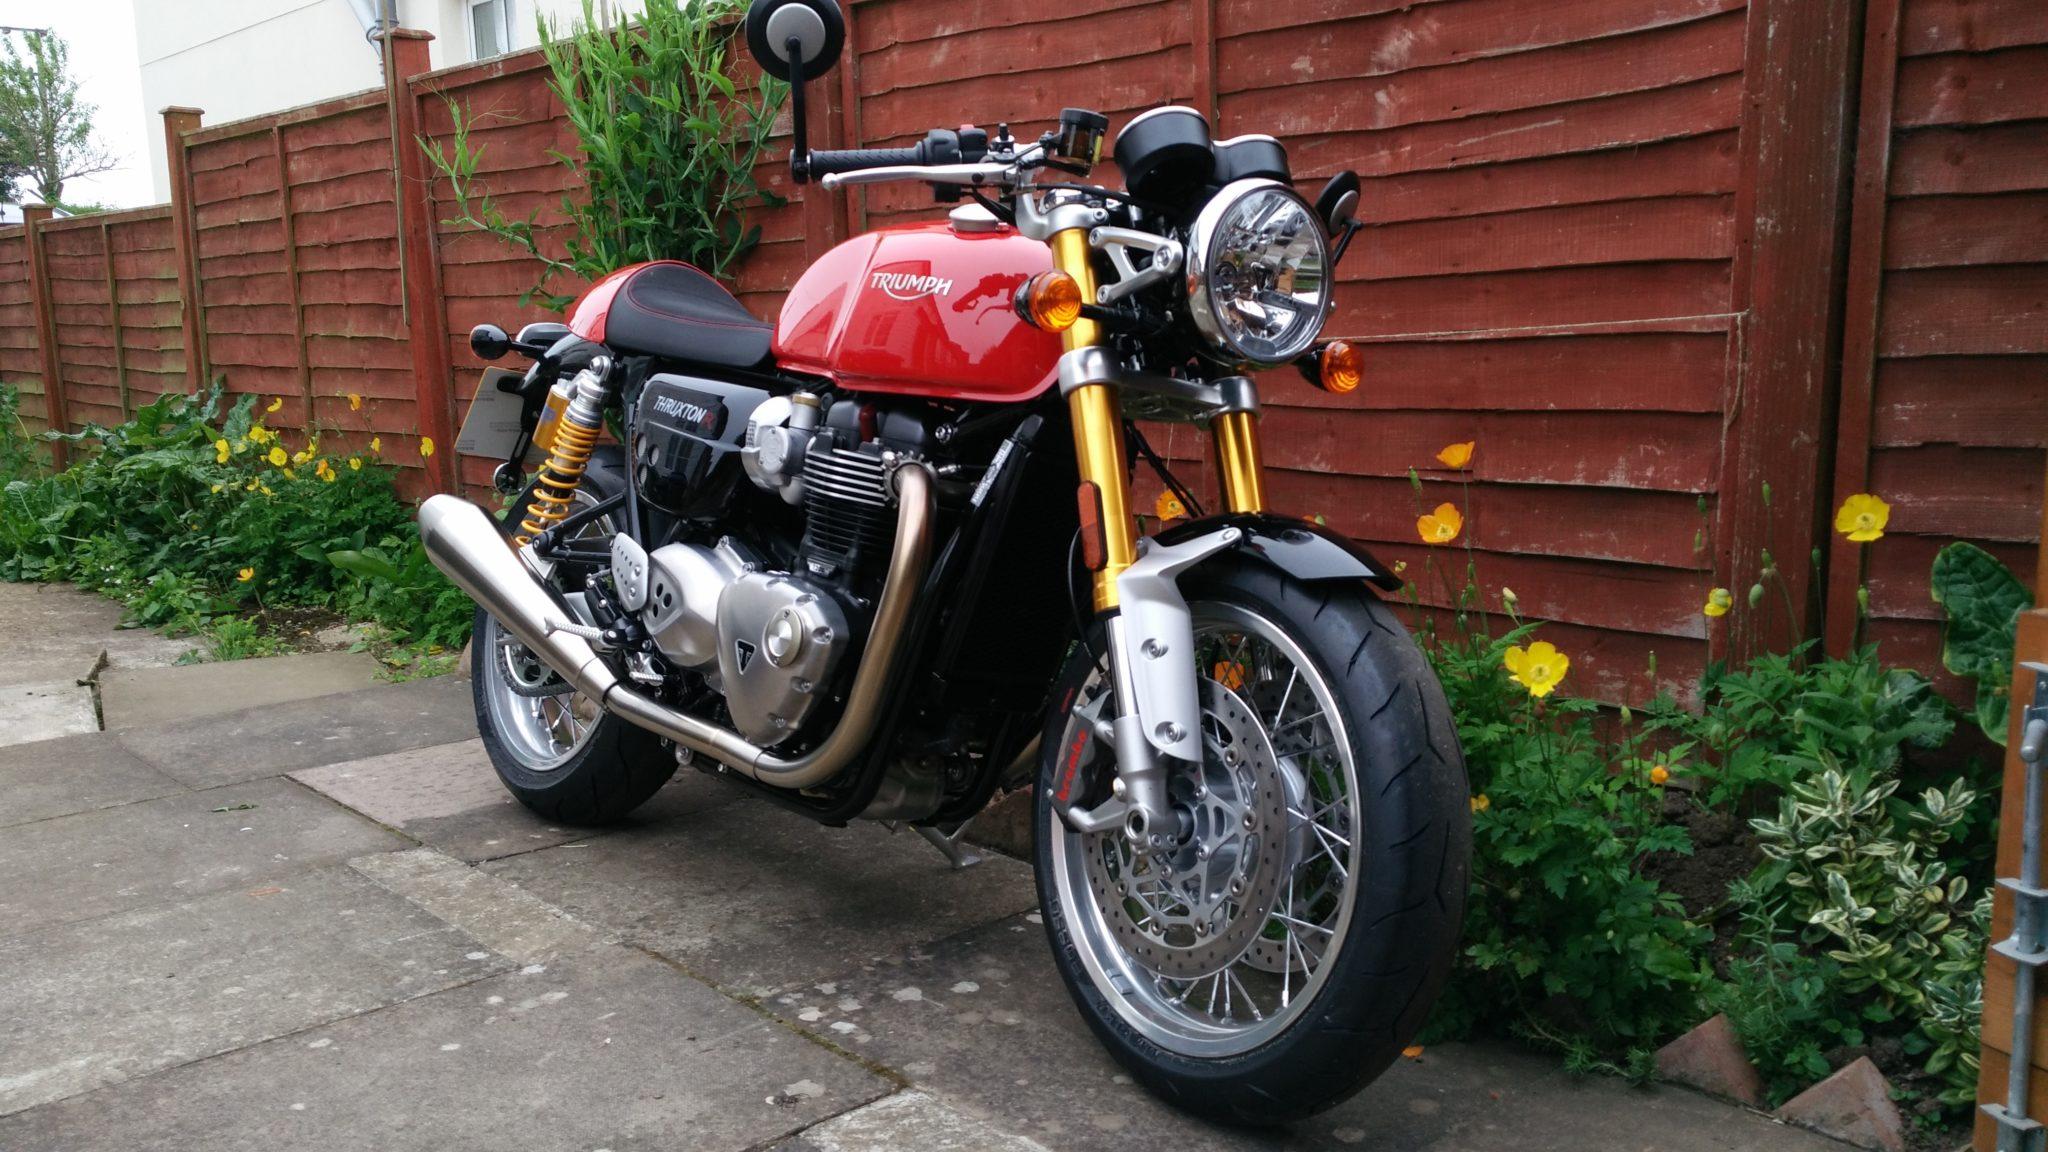 Colin McQuistan – Triumph Thruxton 1200 1